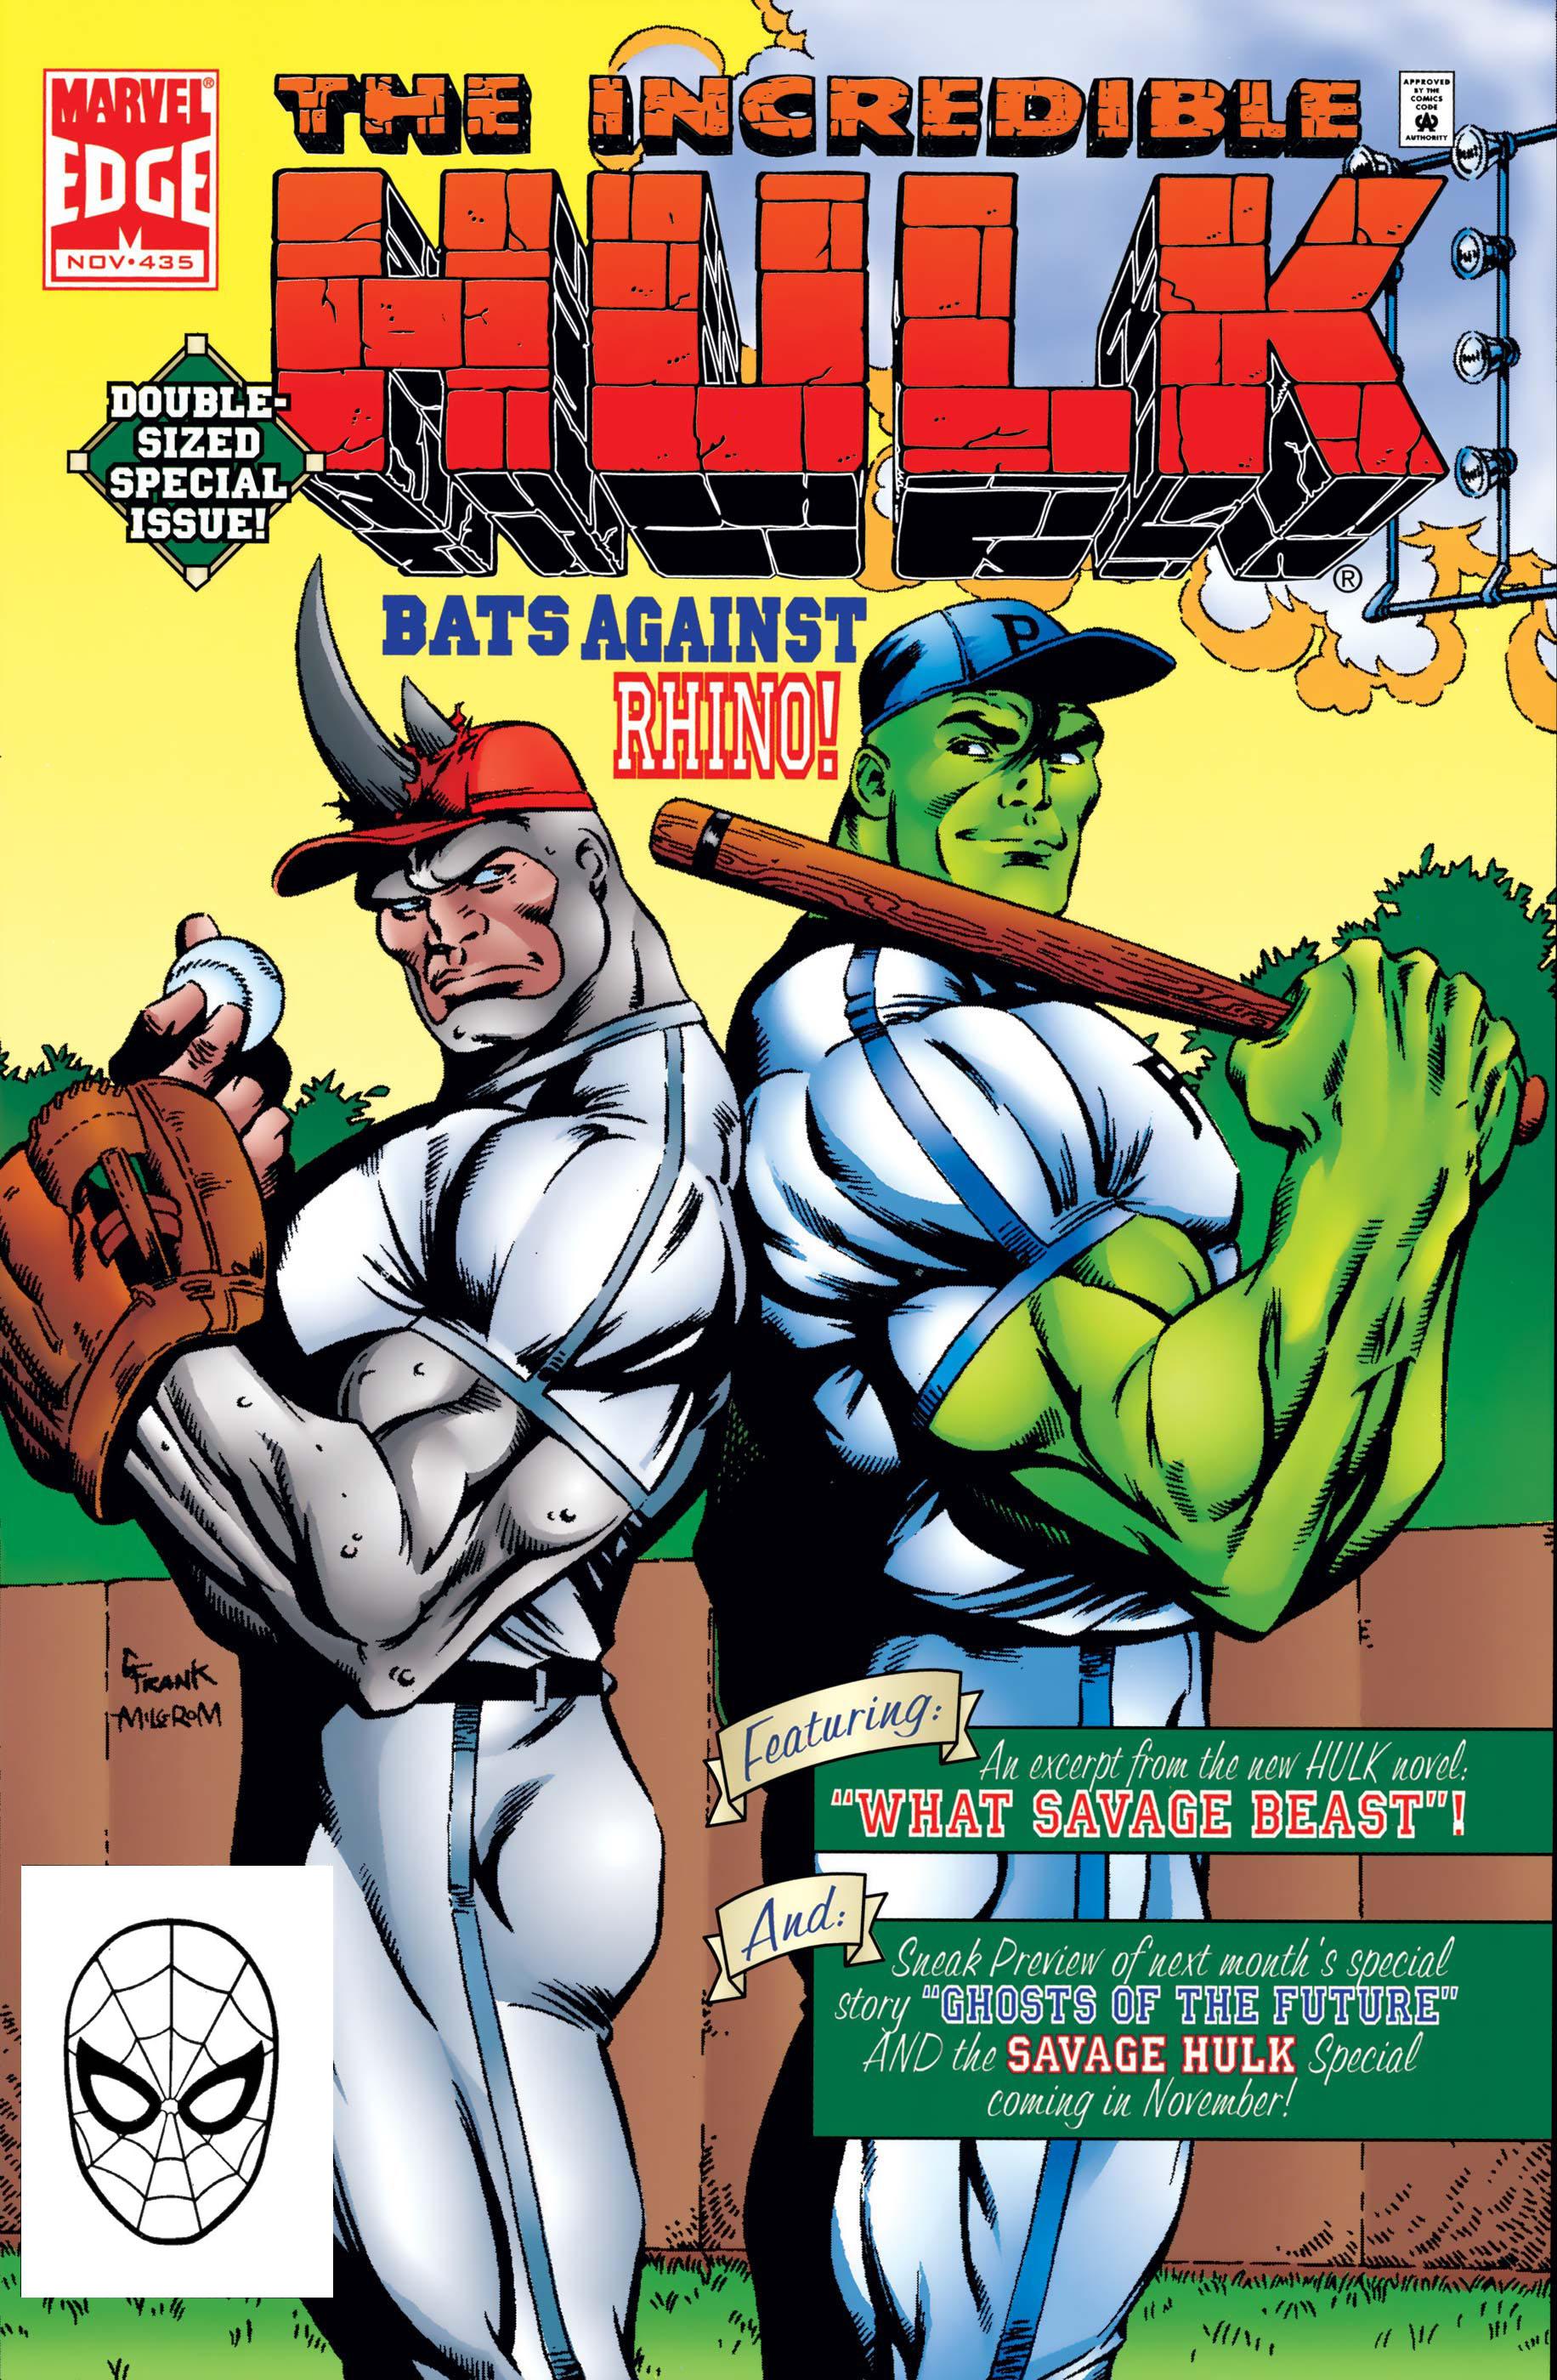 Incredible Hulk (1962) #435